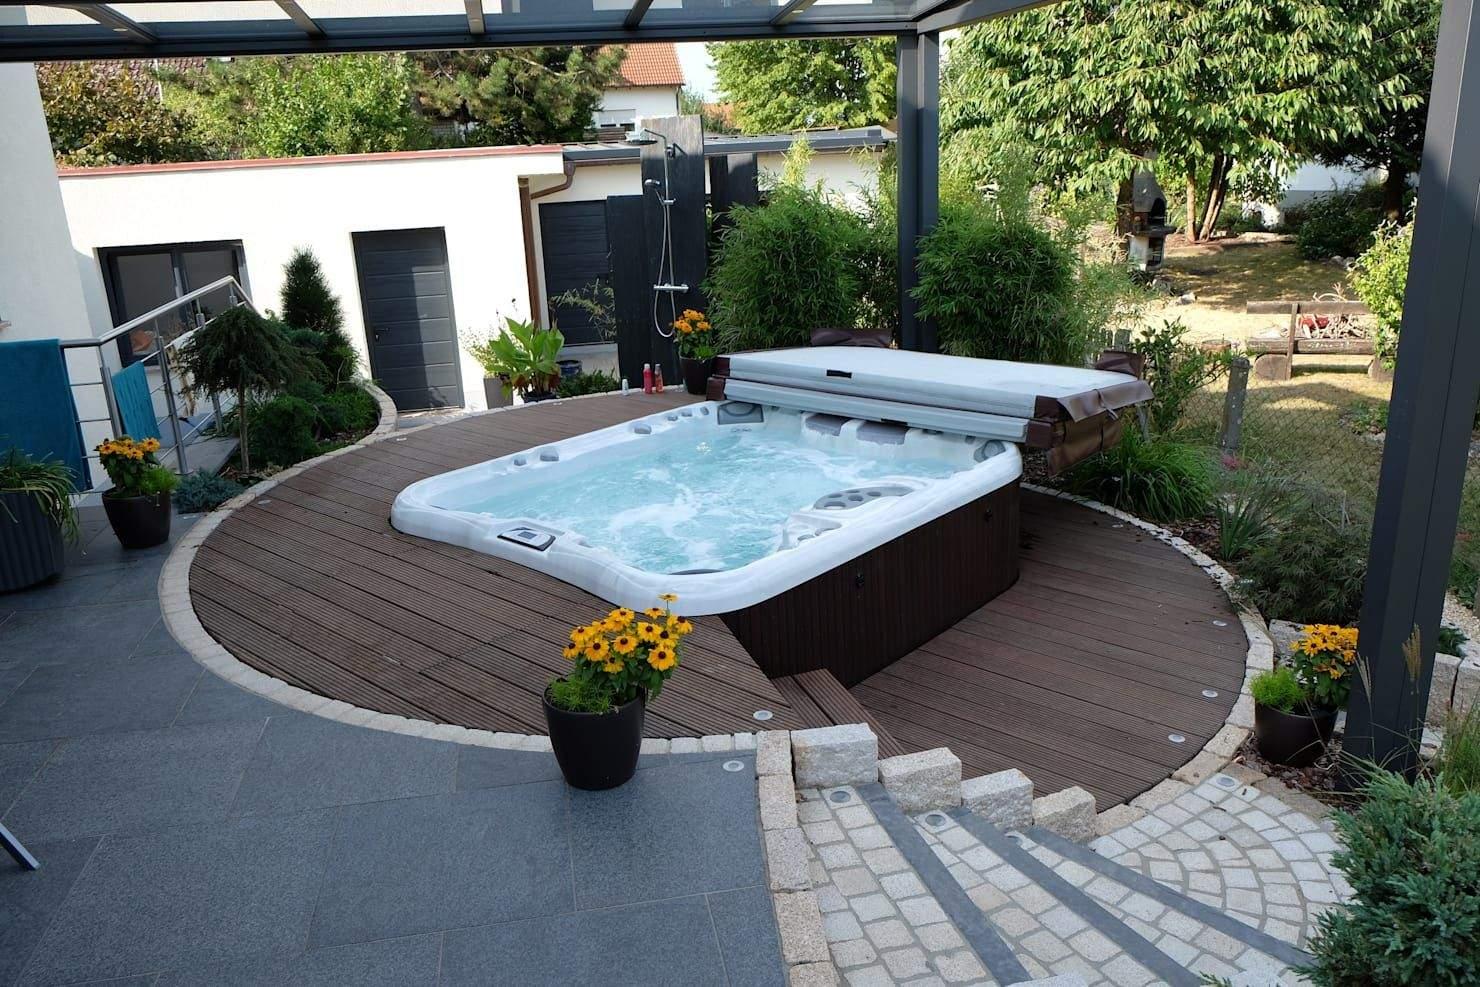 Mini Pool Im Garten Luxus 22 Mini Pools Sich Fantastisch In Deinem Garten Machen